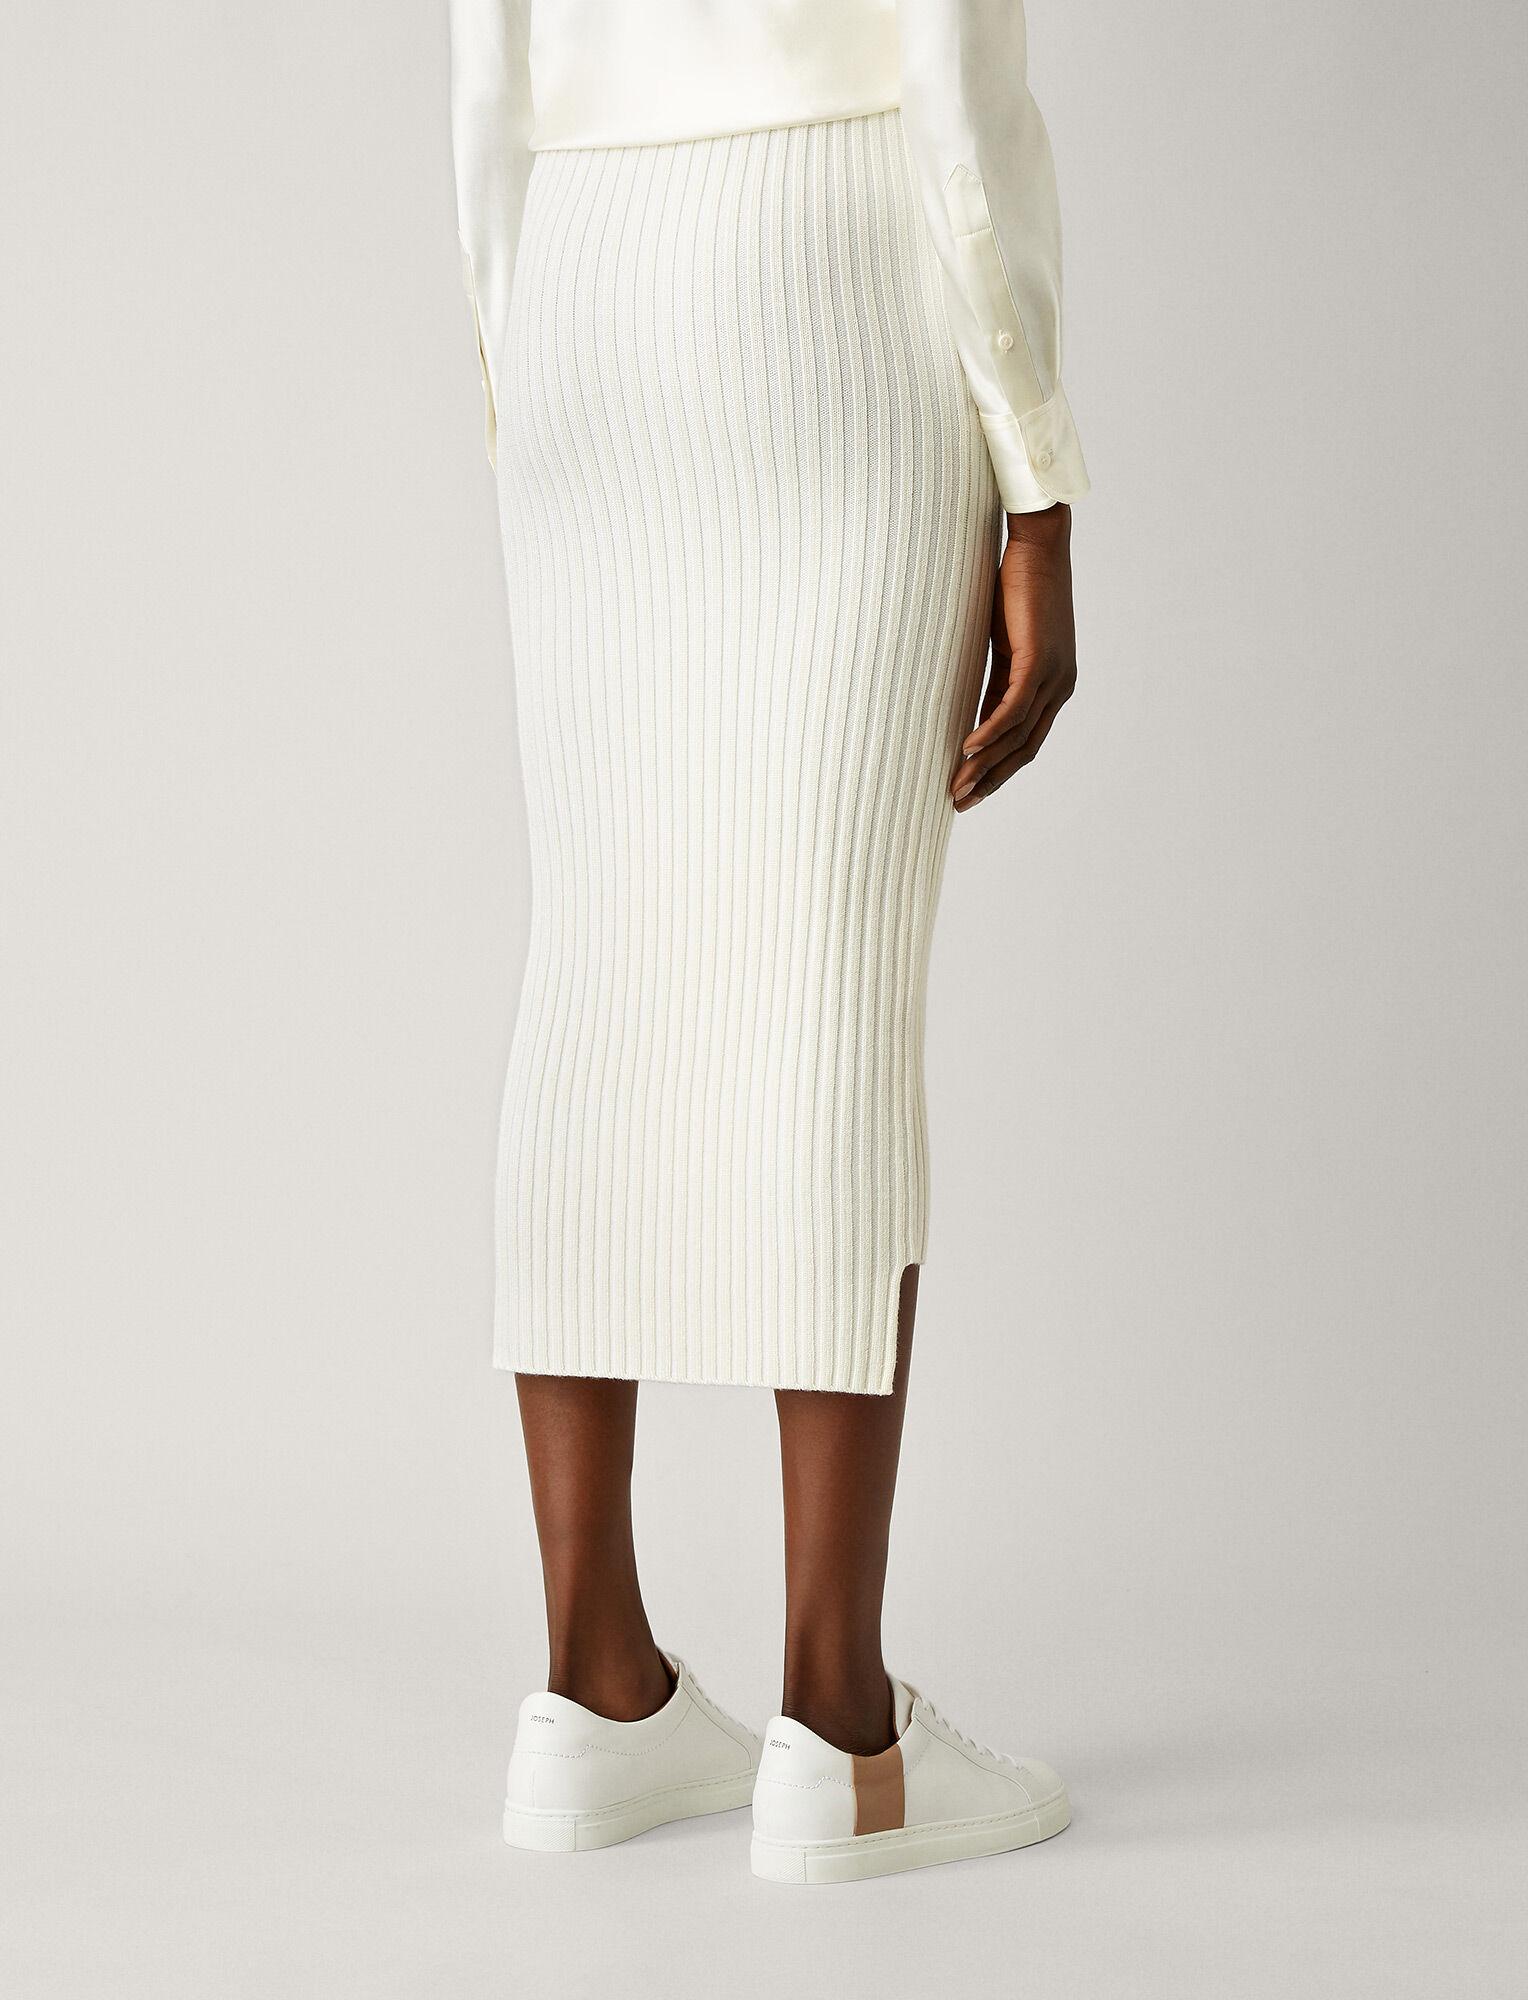 Joseph, Wool Viscose Rib Long Skirt, in BONE